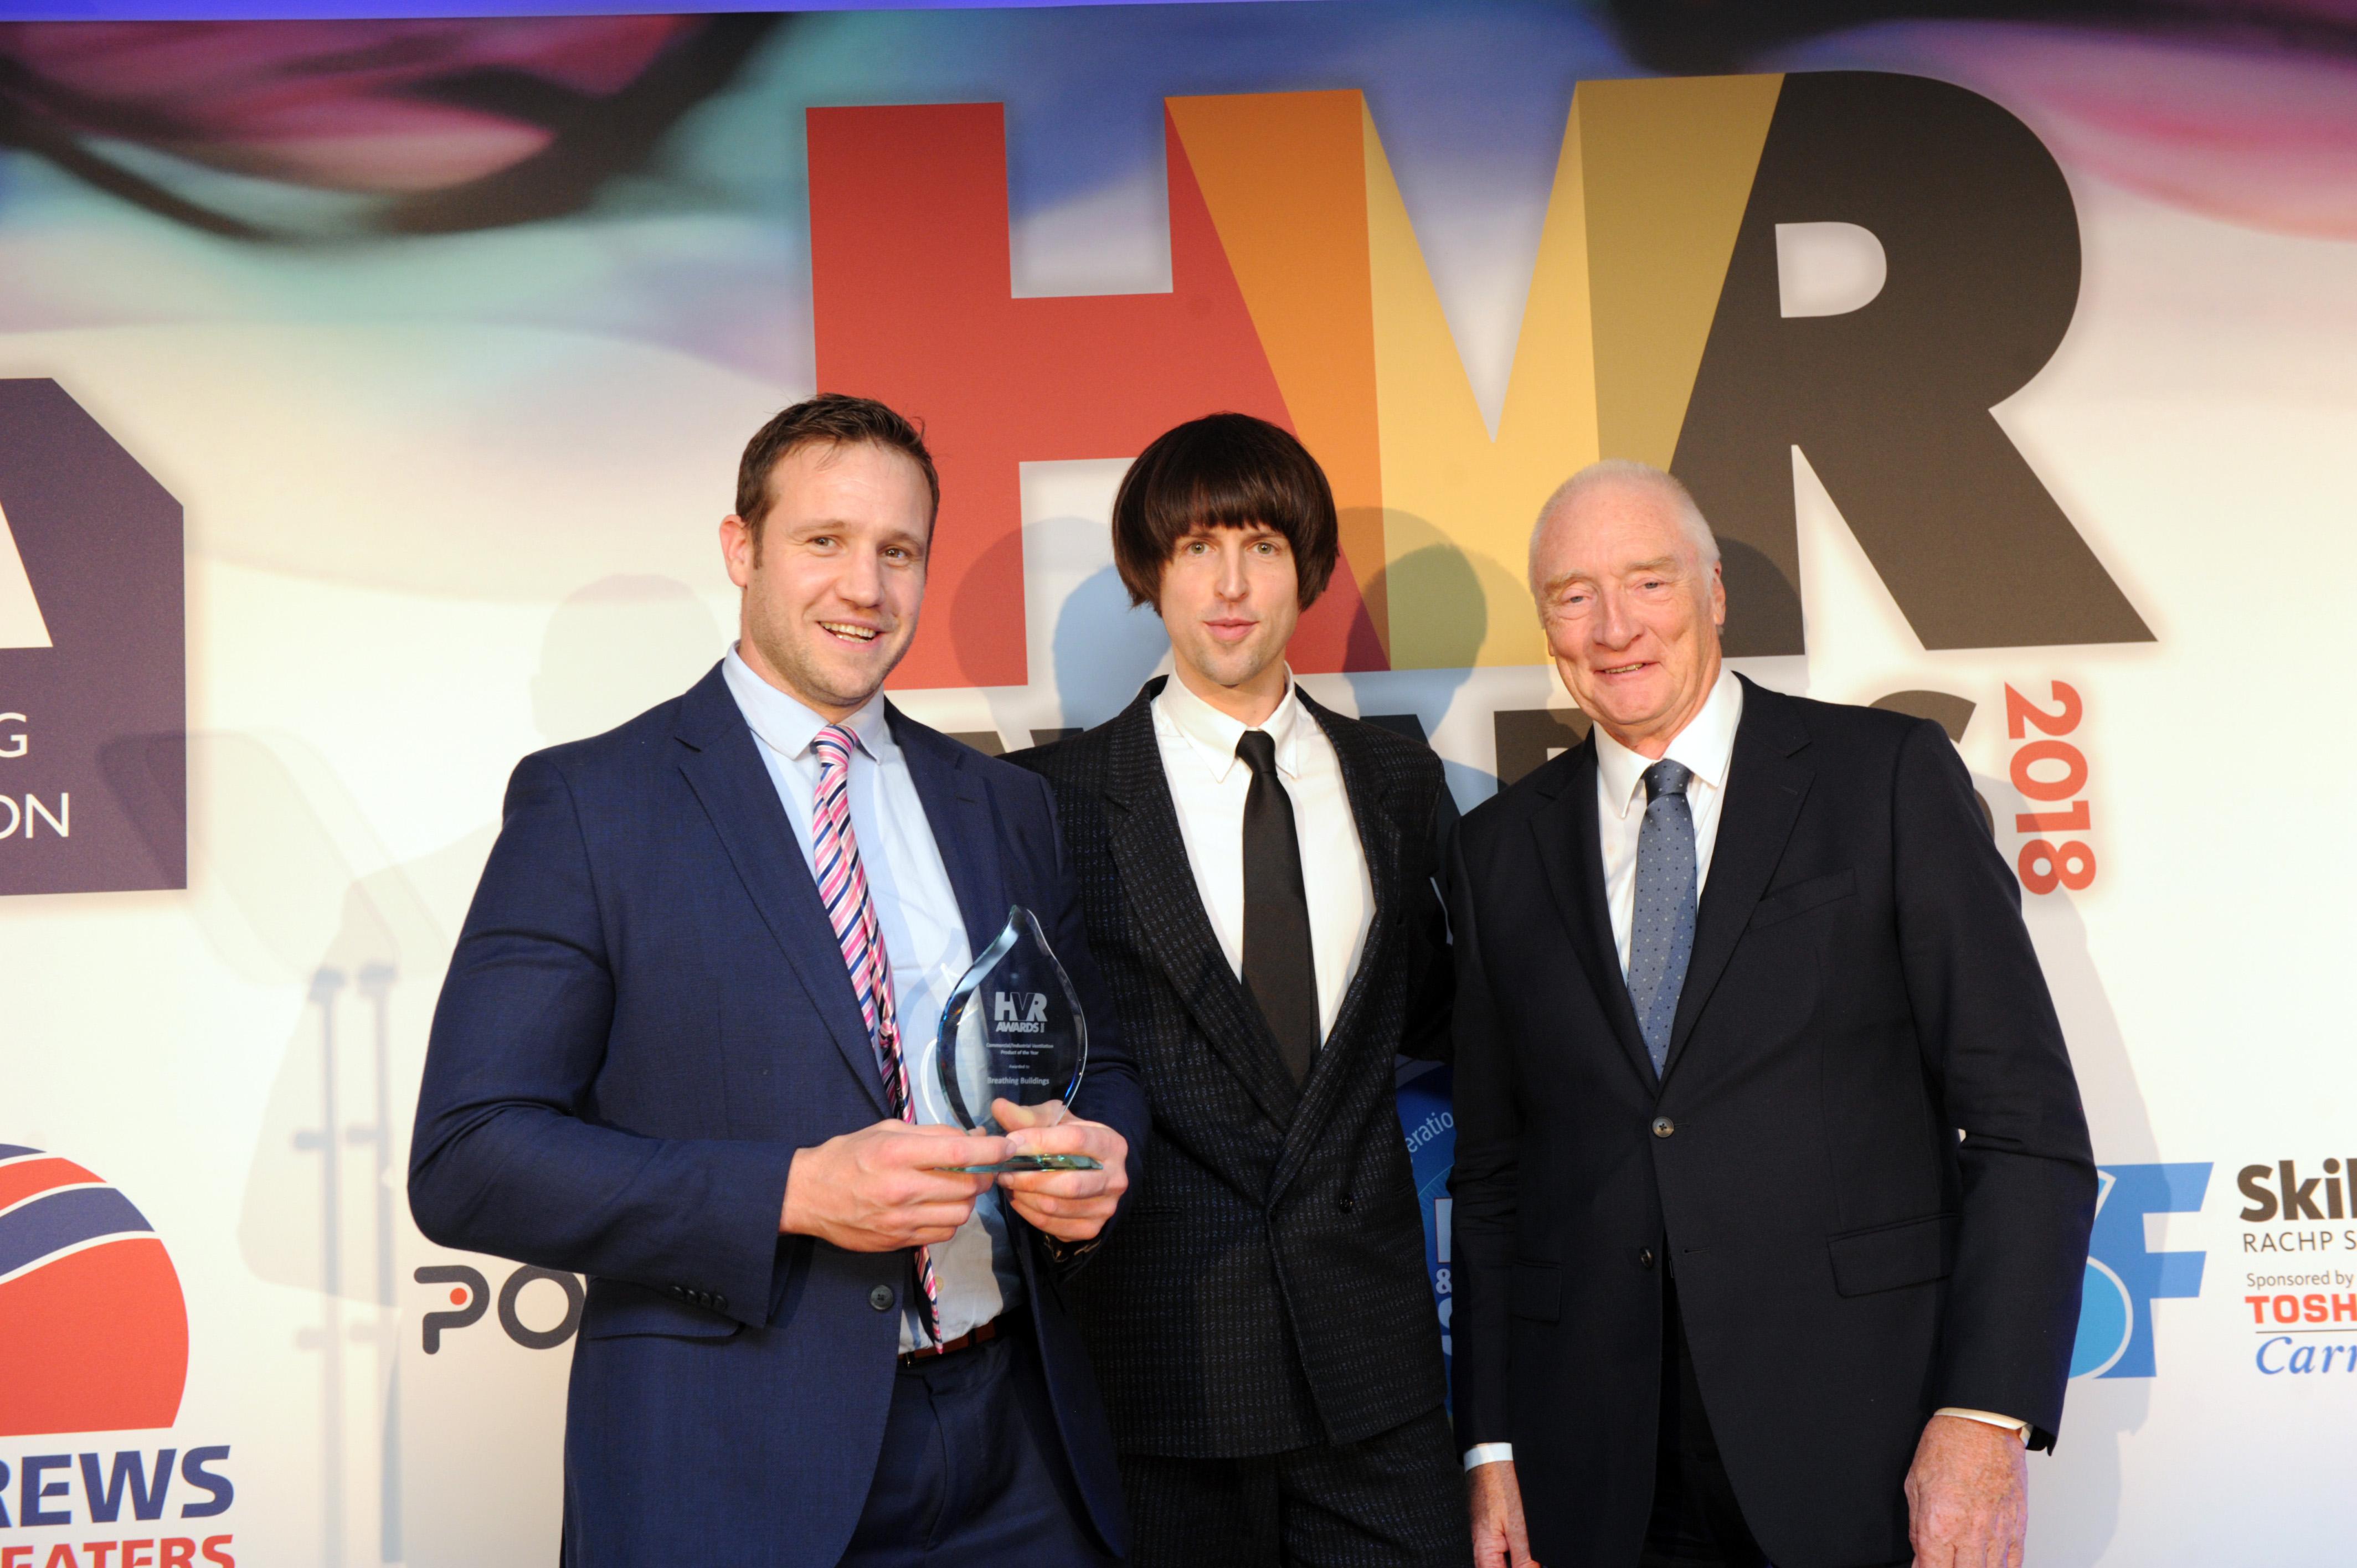 HVR Awards